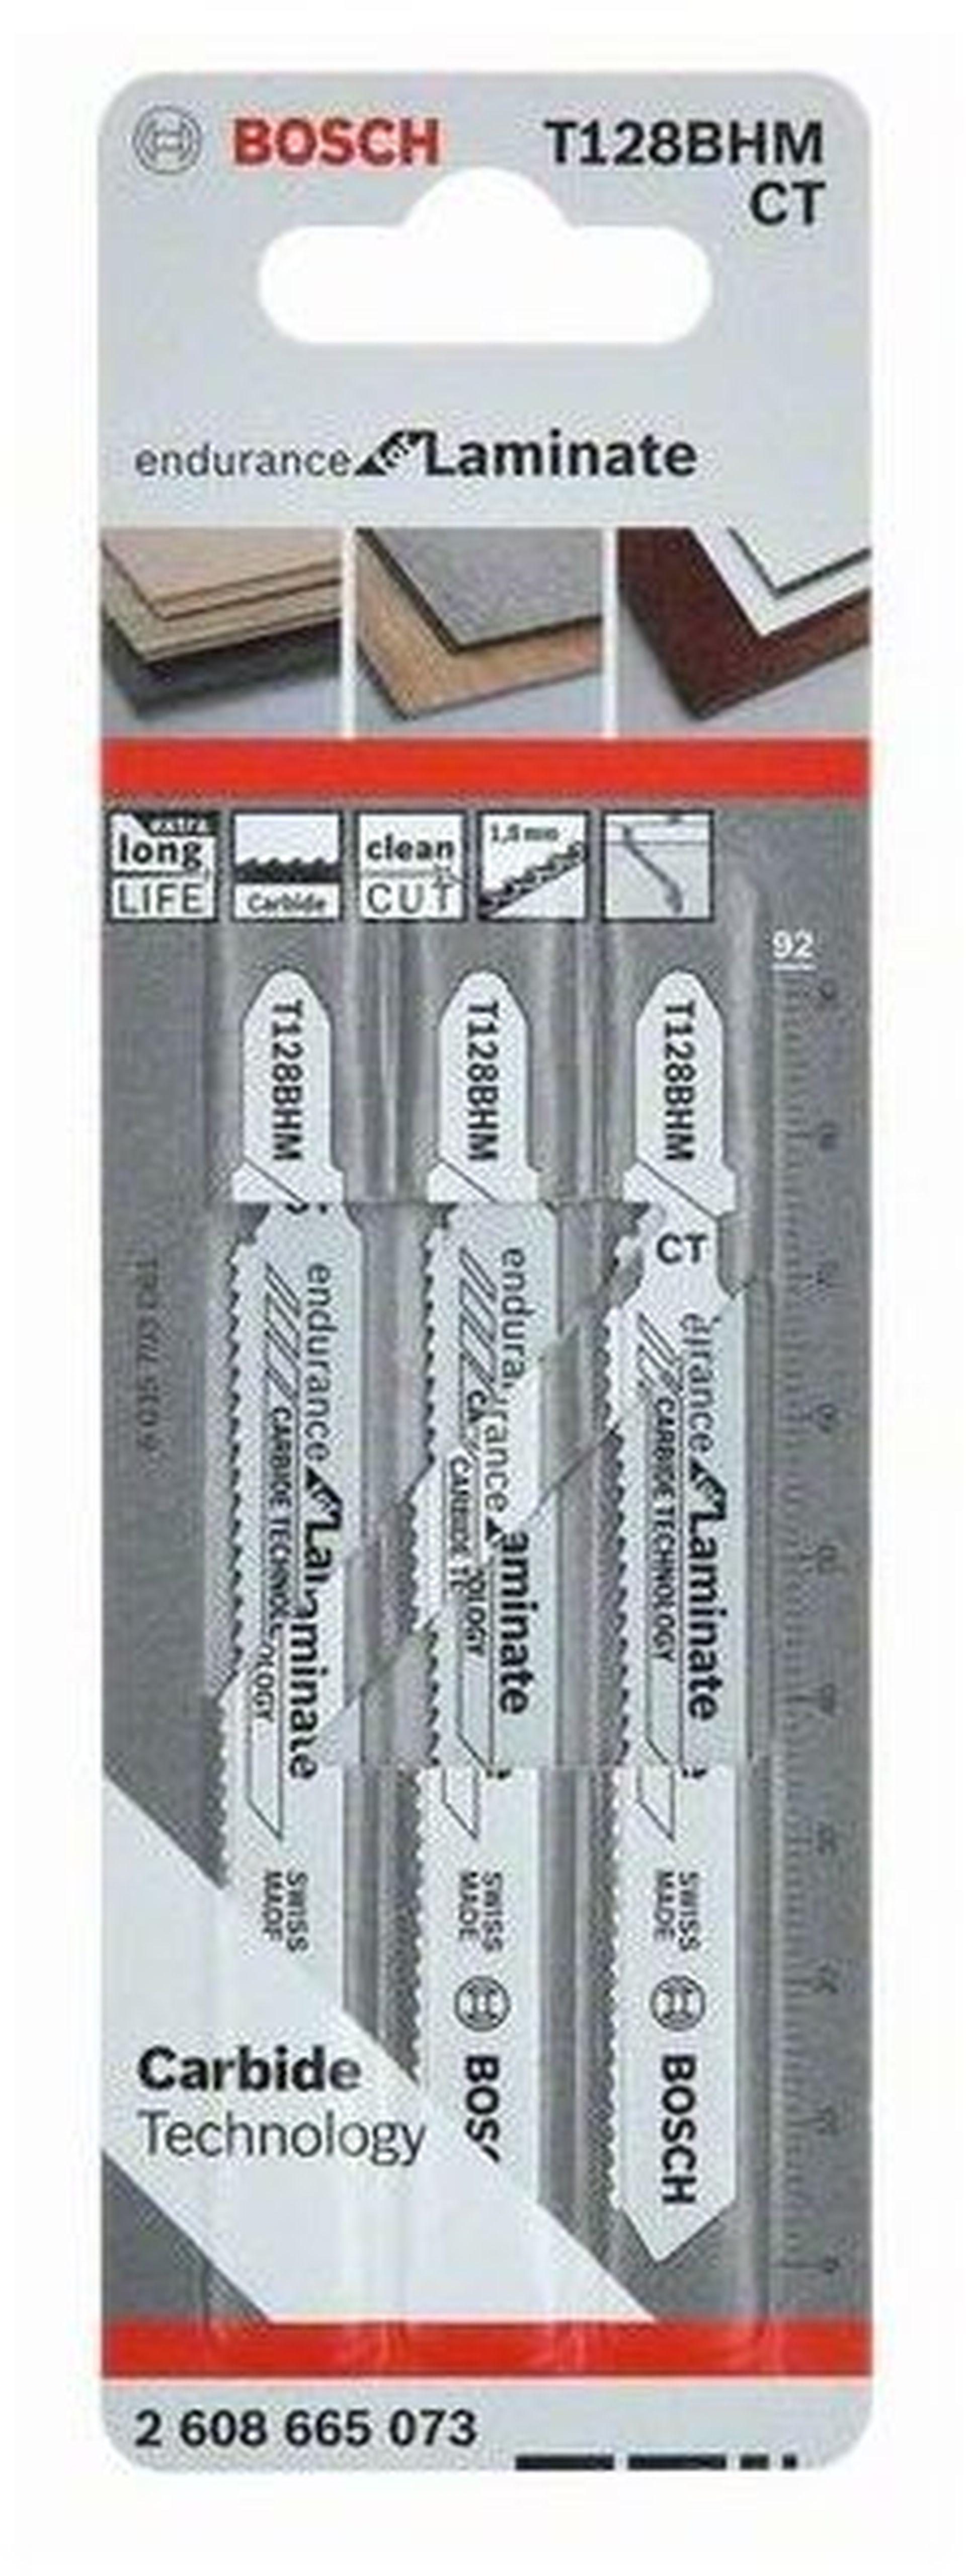 BOSCH Pilový plátek T 128 BHM, 92 mm, 3ks 2608665073